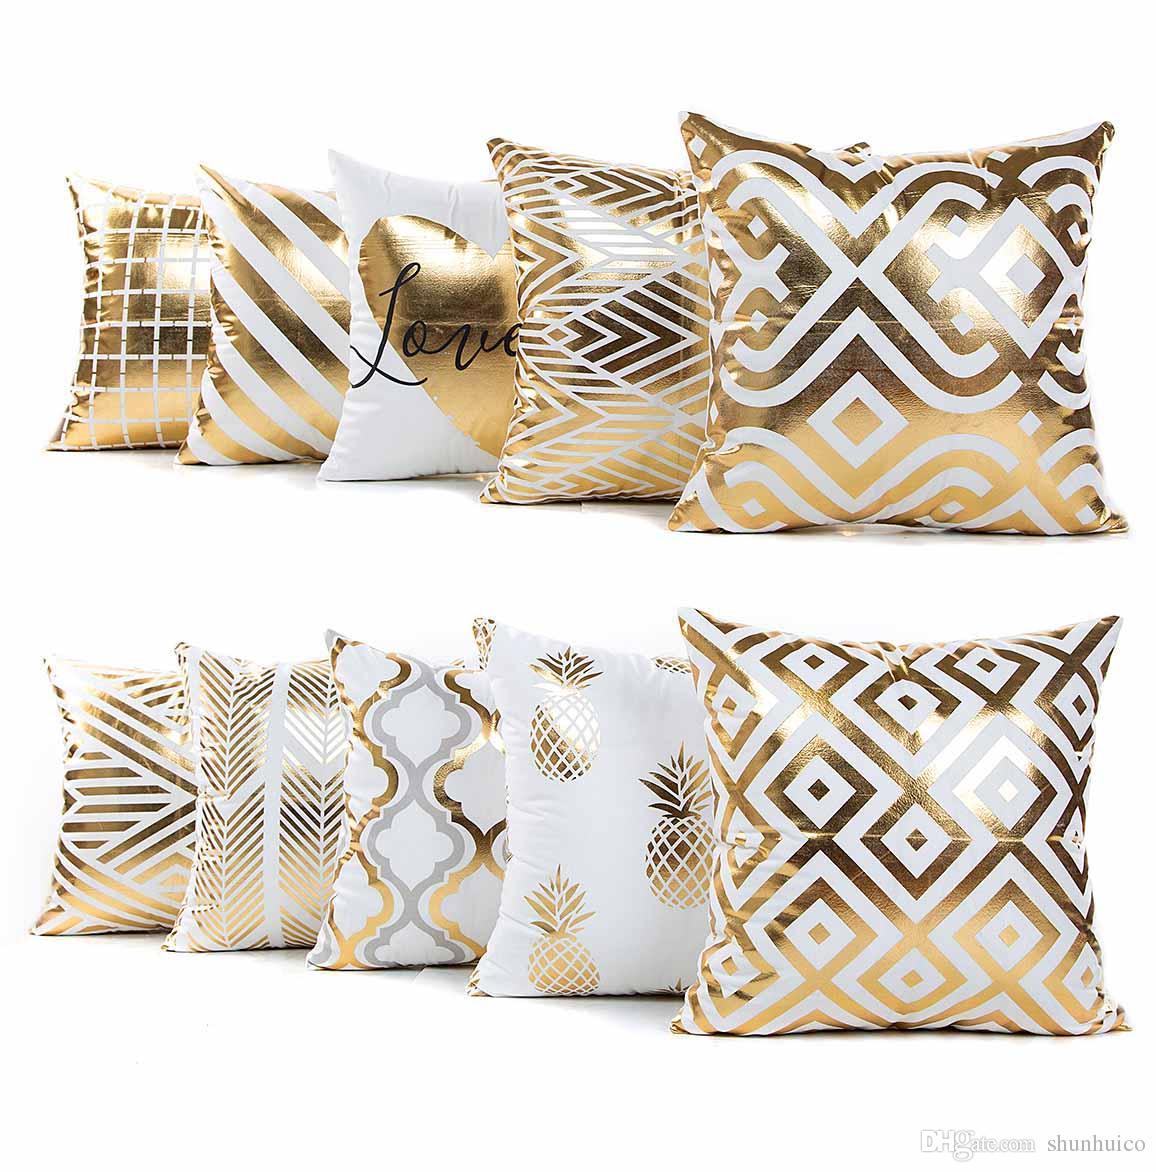 Cuscini Beige Per Divano acquista lamina doro abbronzante stampa pillowcase poliestere cuscino  decorativo divano cuscino del sedile 45x45 cm home decor a 1,77 € dal  shunhuico